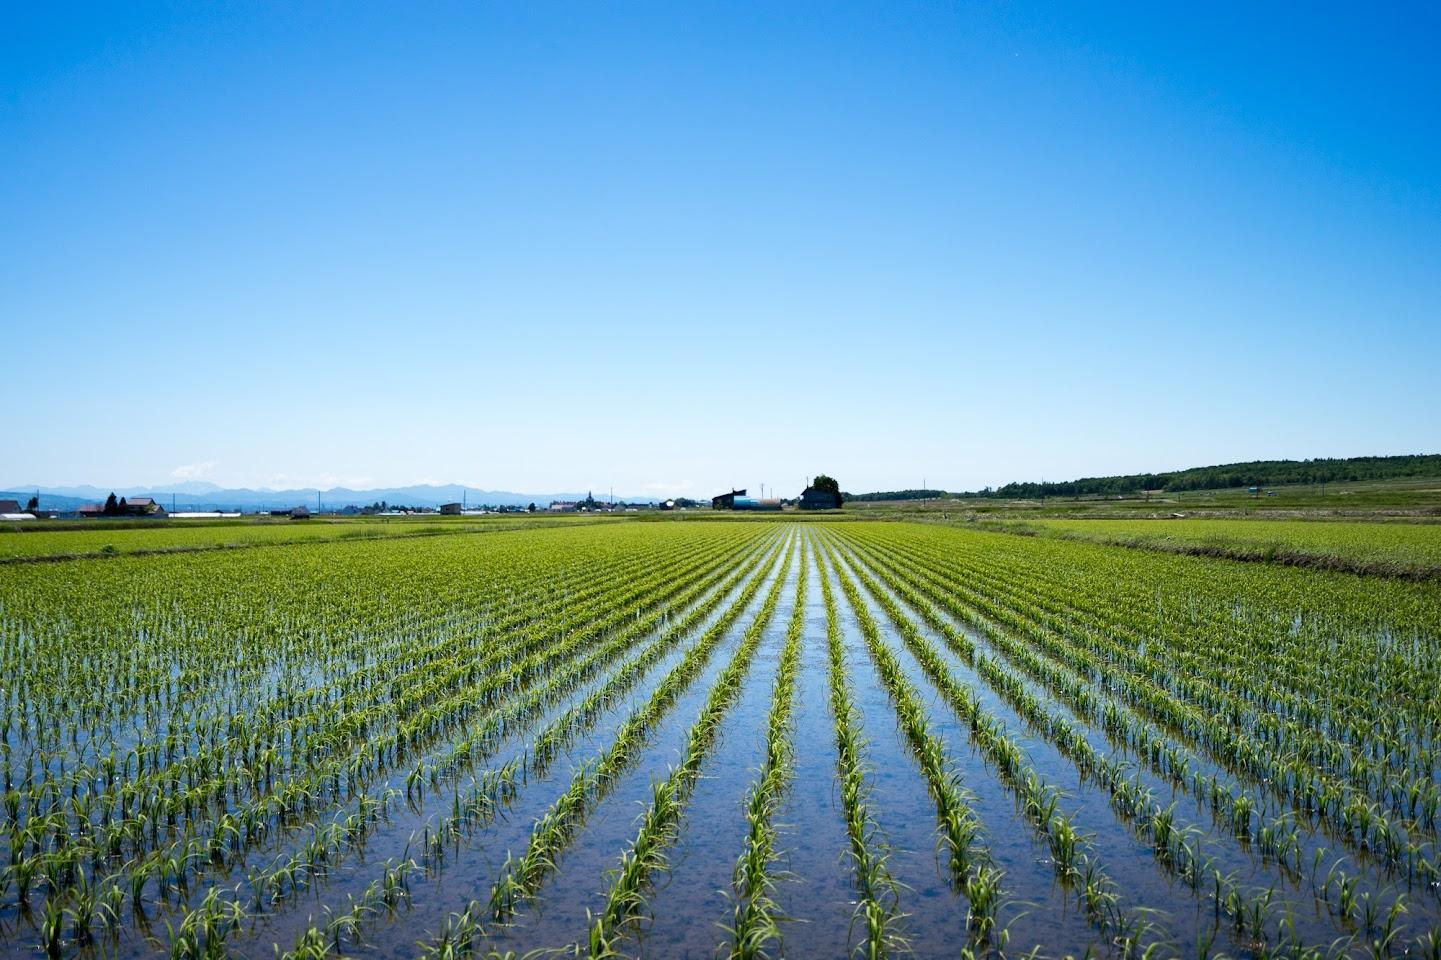 緑の田園風景